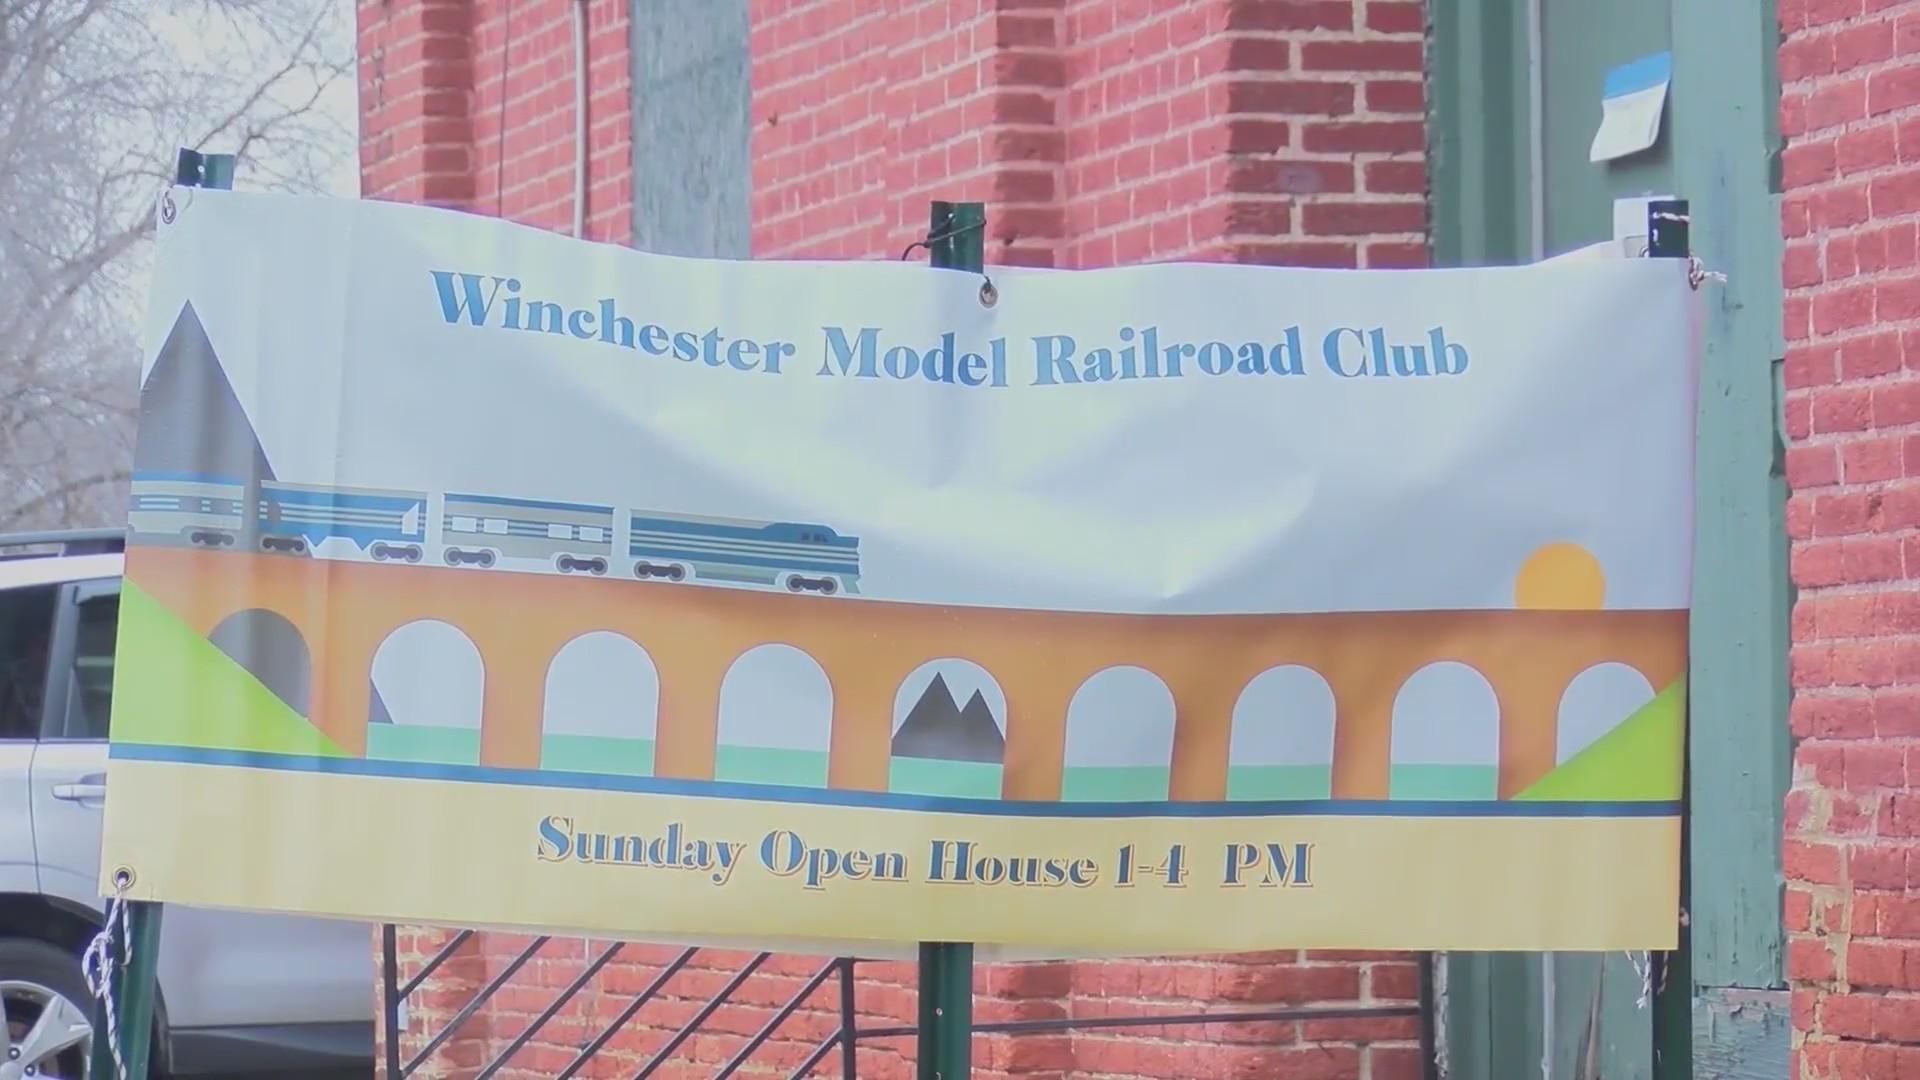 WINCHESTER RAILROAD CLUB